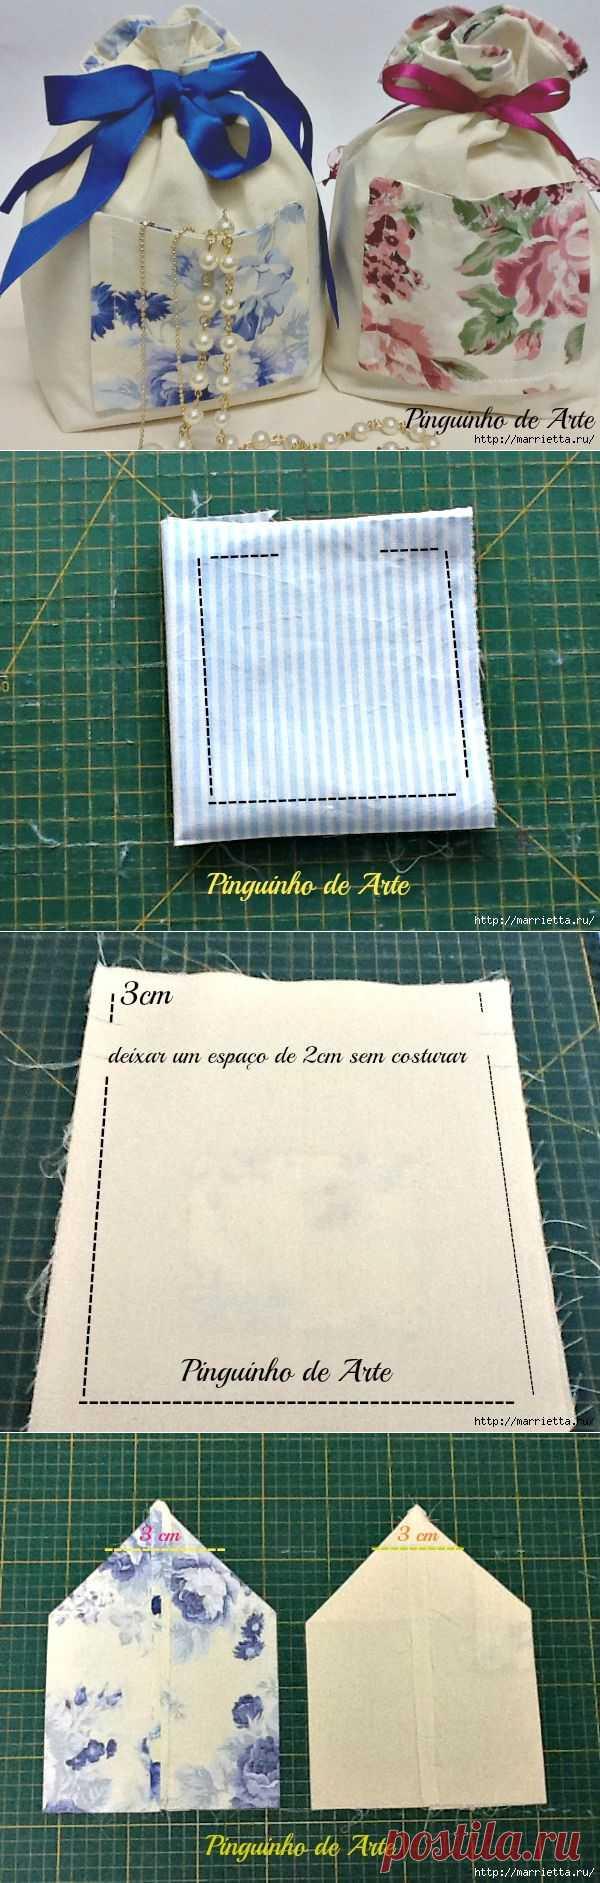 Шьем мешочки - текстильную упаковку для подарка.